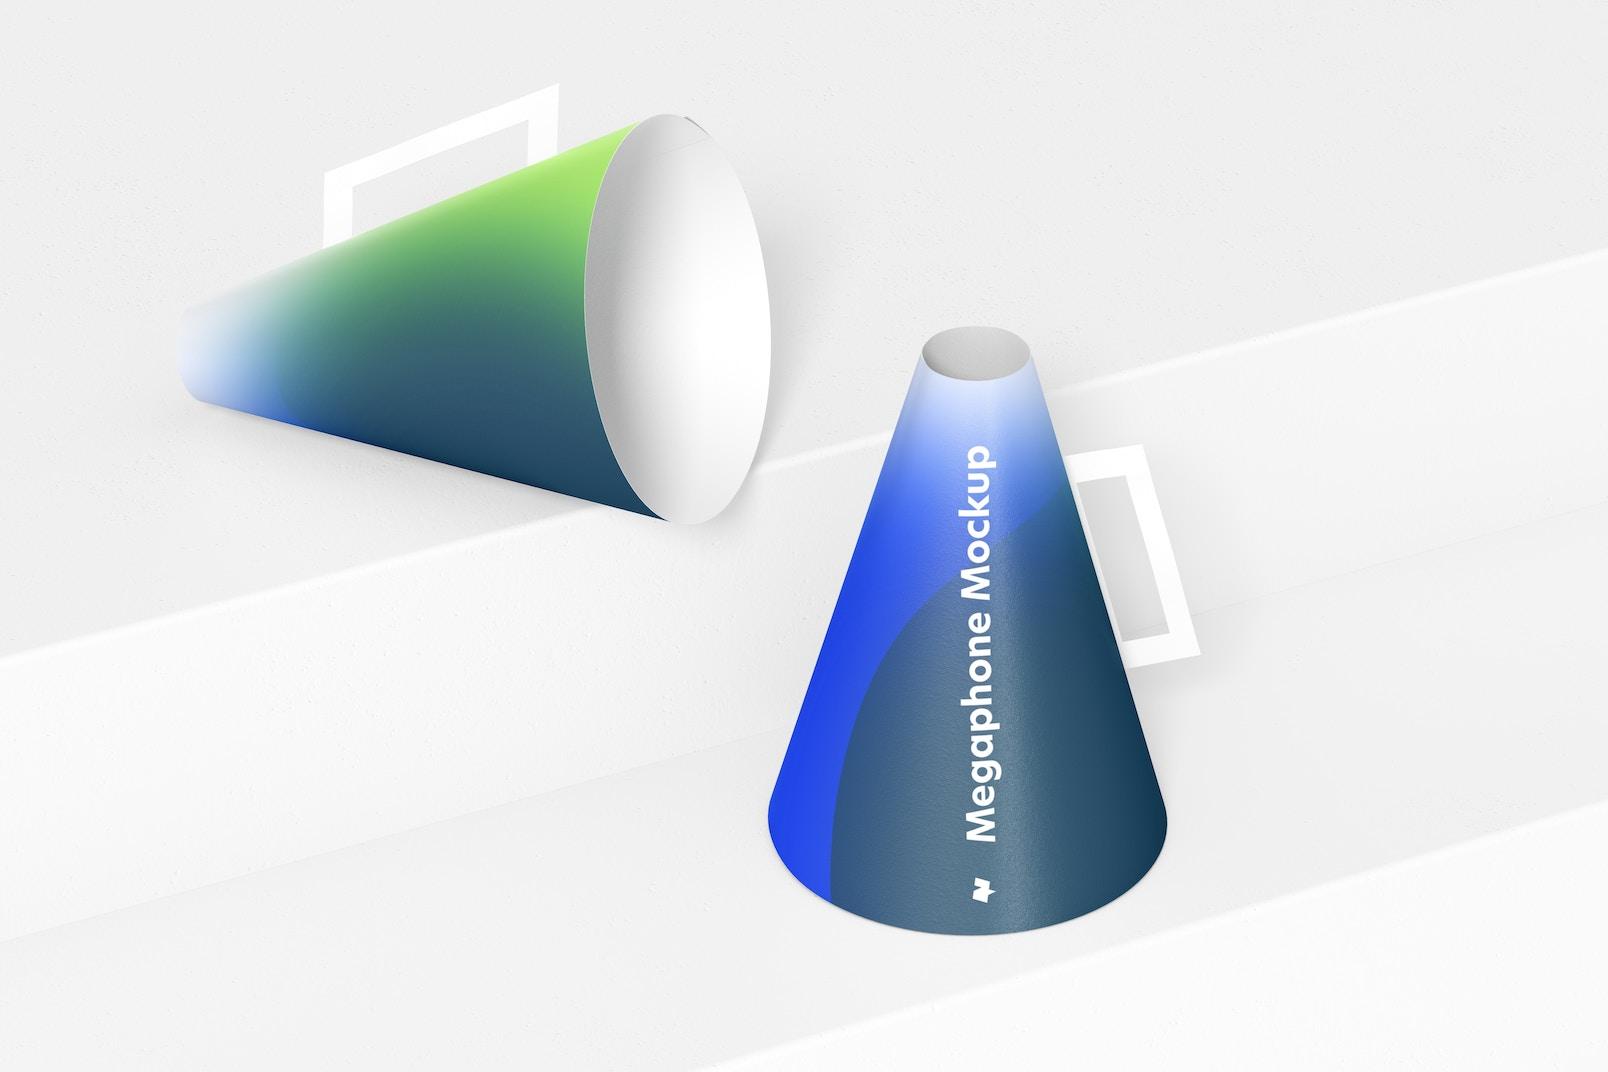 Paper Megaphones Mockup, Right View